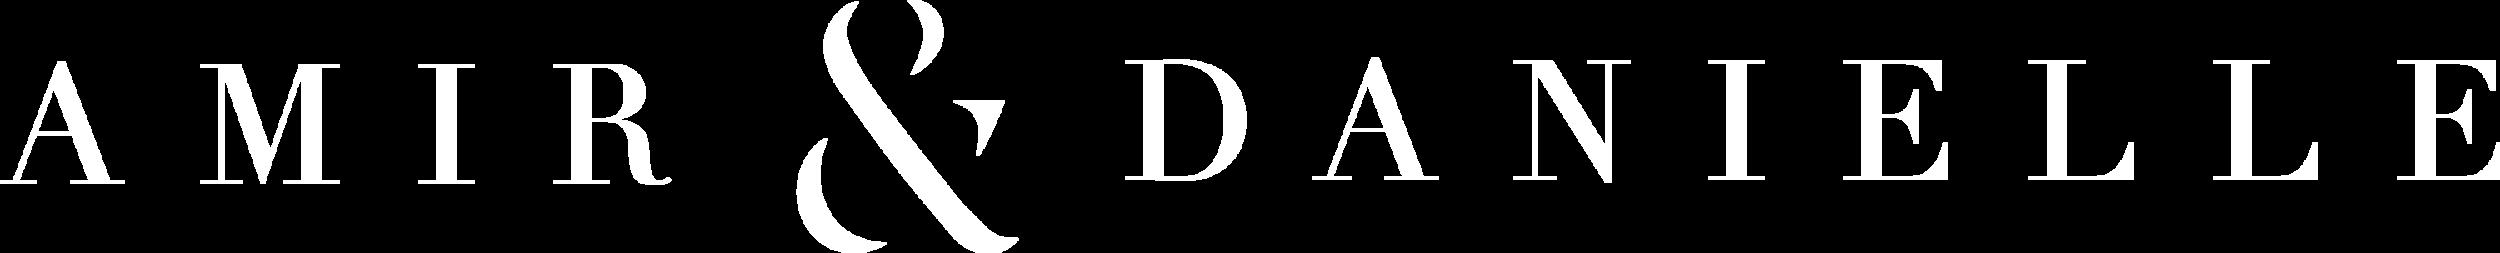 AmirDanielle_Logo_White.png